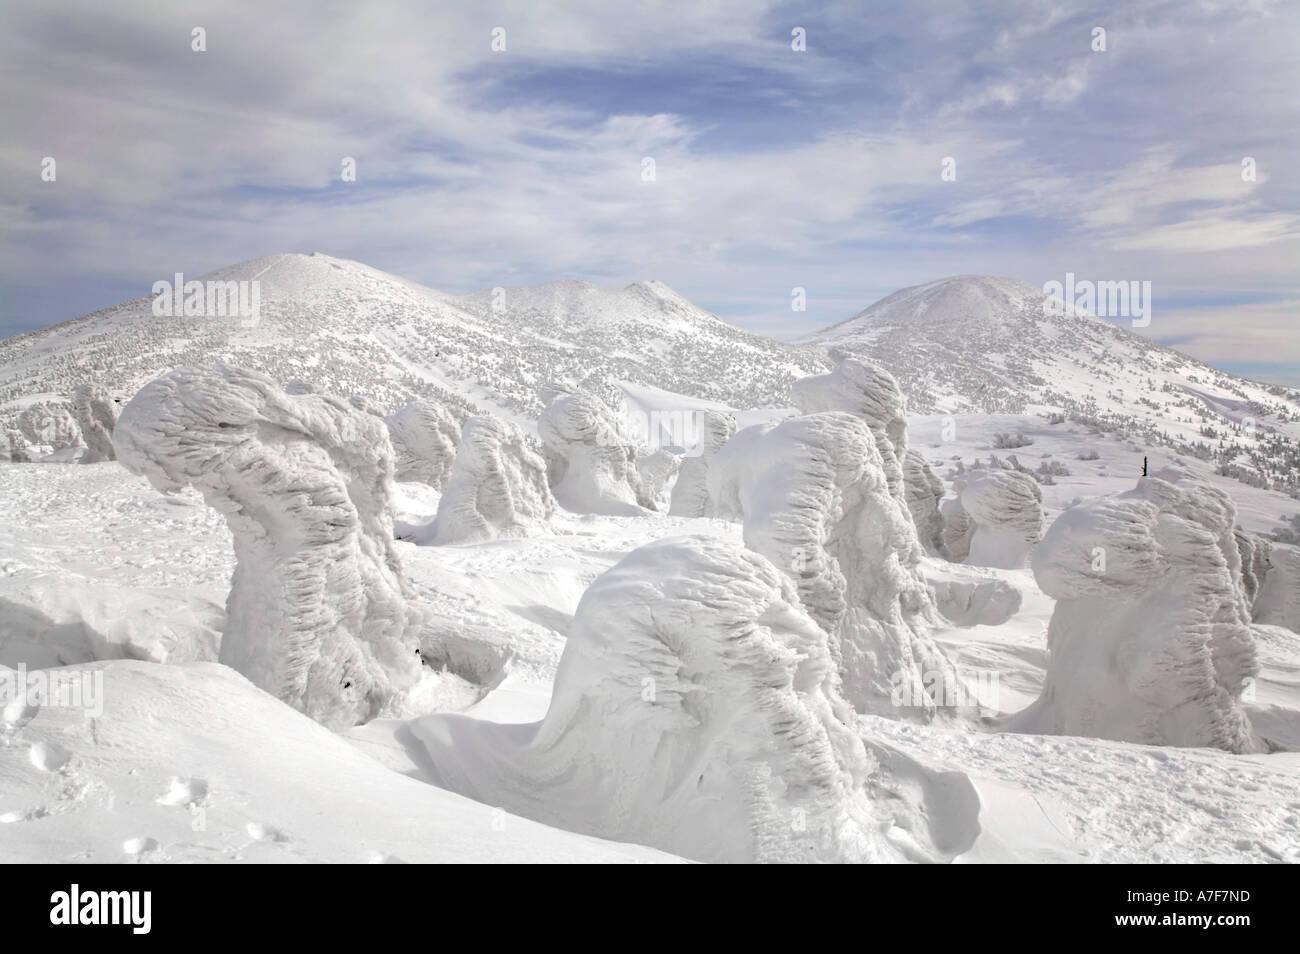 Schnee-Monster - Bäume mit Schnee im Winter Mount Verwaltungssitz Japan auf sie gefroren Stockfoto